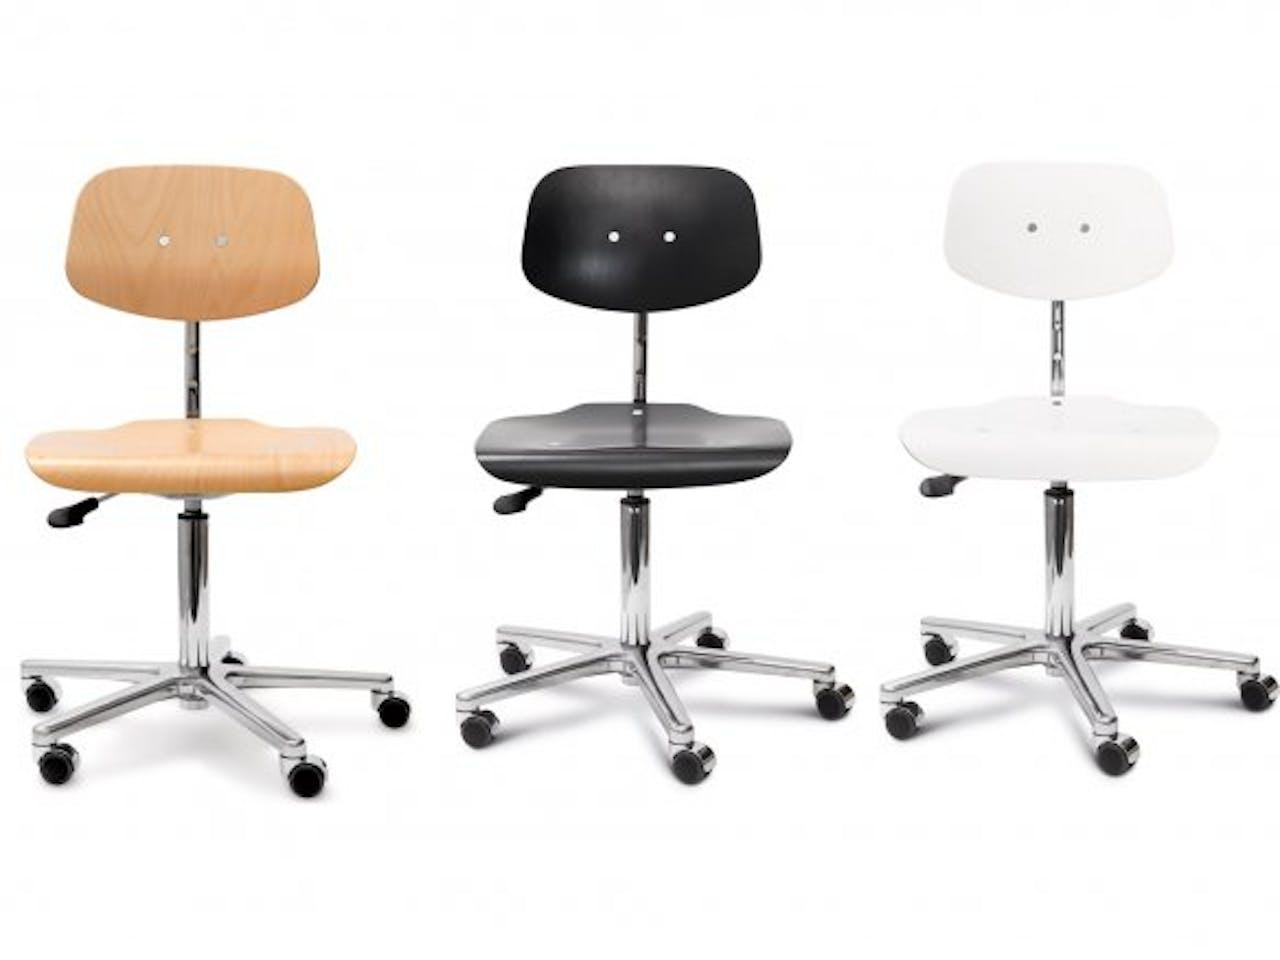 Zubehör für Modulor Stühle, Ersatzrollen hart, schwarz, 5 Stück